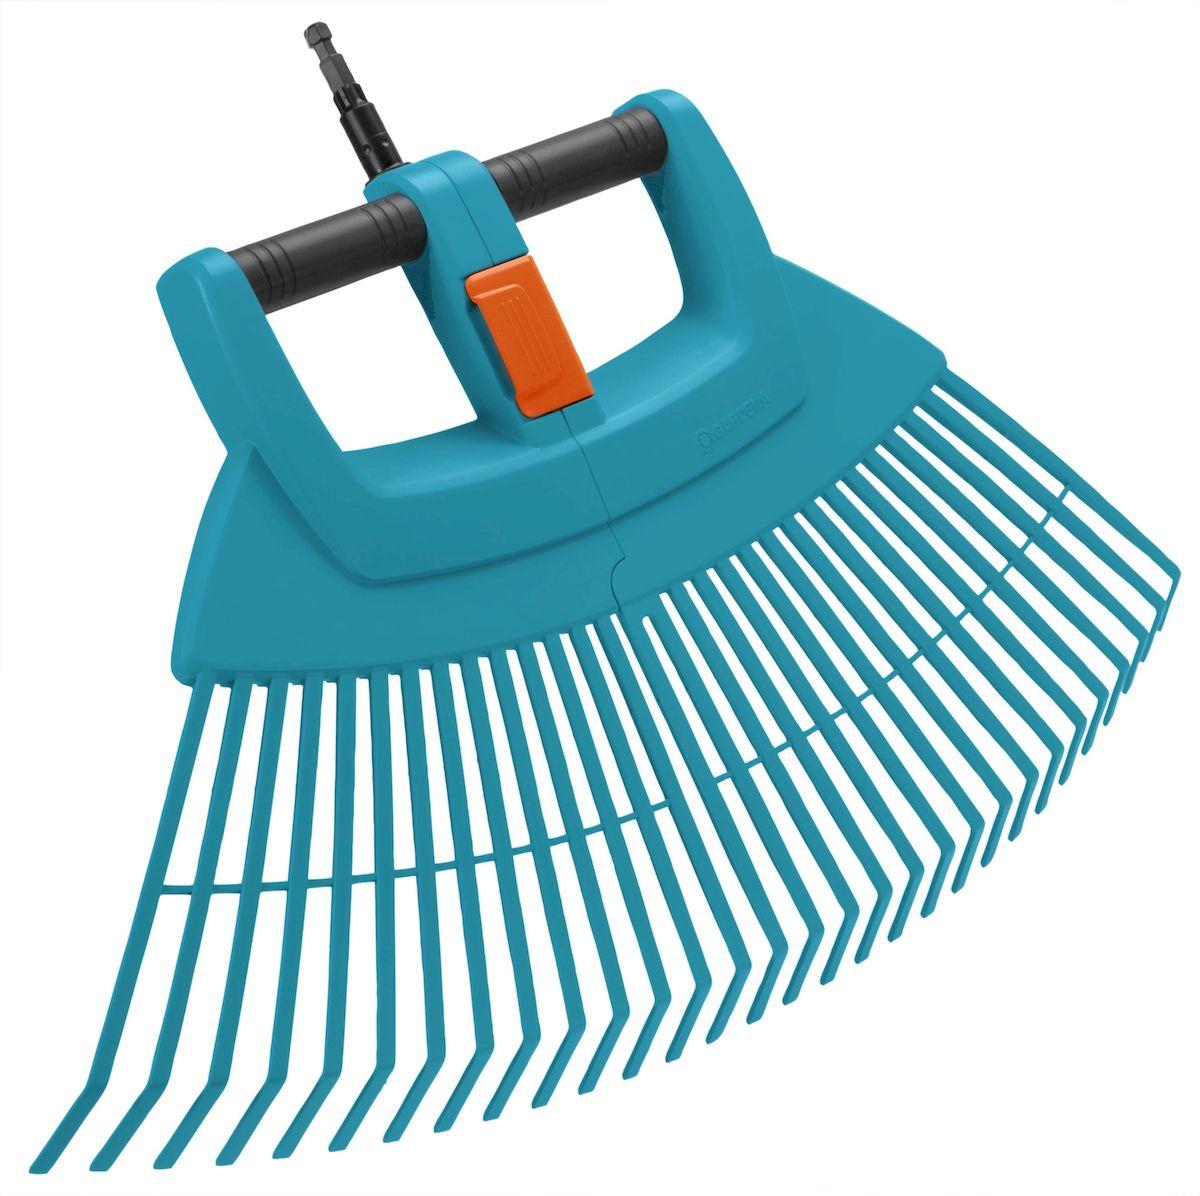 Грабли пластиковые веерные Gardena XXL Vario, складные03107-20.000.00Грабли пластиковые веерные Gardena XXL Vario выполнены из высококачественного пластика и снабжены встроенной алюминиевой трубкой, которая повышает прочность инструмента. Они идеально подходят для быстрого сбора листьев, скошенной травы, разбросанного ветром материала и другого садового мусора на больших участках. Этот простой в эксплуатации и эффективный инструмент можно разделить на две части в целях удобного сбора материала. Грабли пластиковые веерные XXL Vario могут складываться для экономии места. Грабли могут использоваться с любой ручкой, однако рекомендуется использовать ручку длиной 130 см или 150 см, в зависимости от роста пользователя. Рабочая ширина: 77 см.